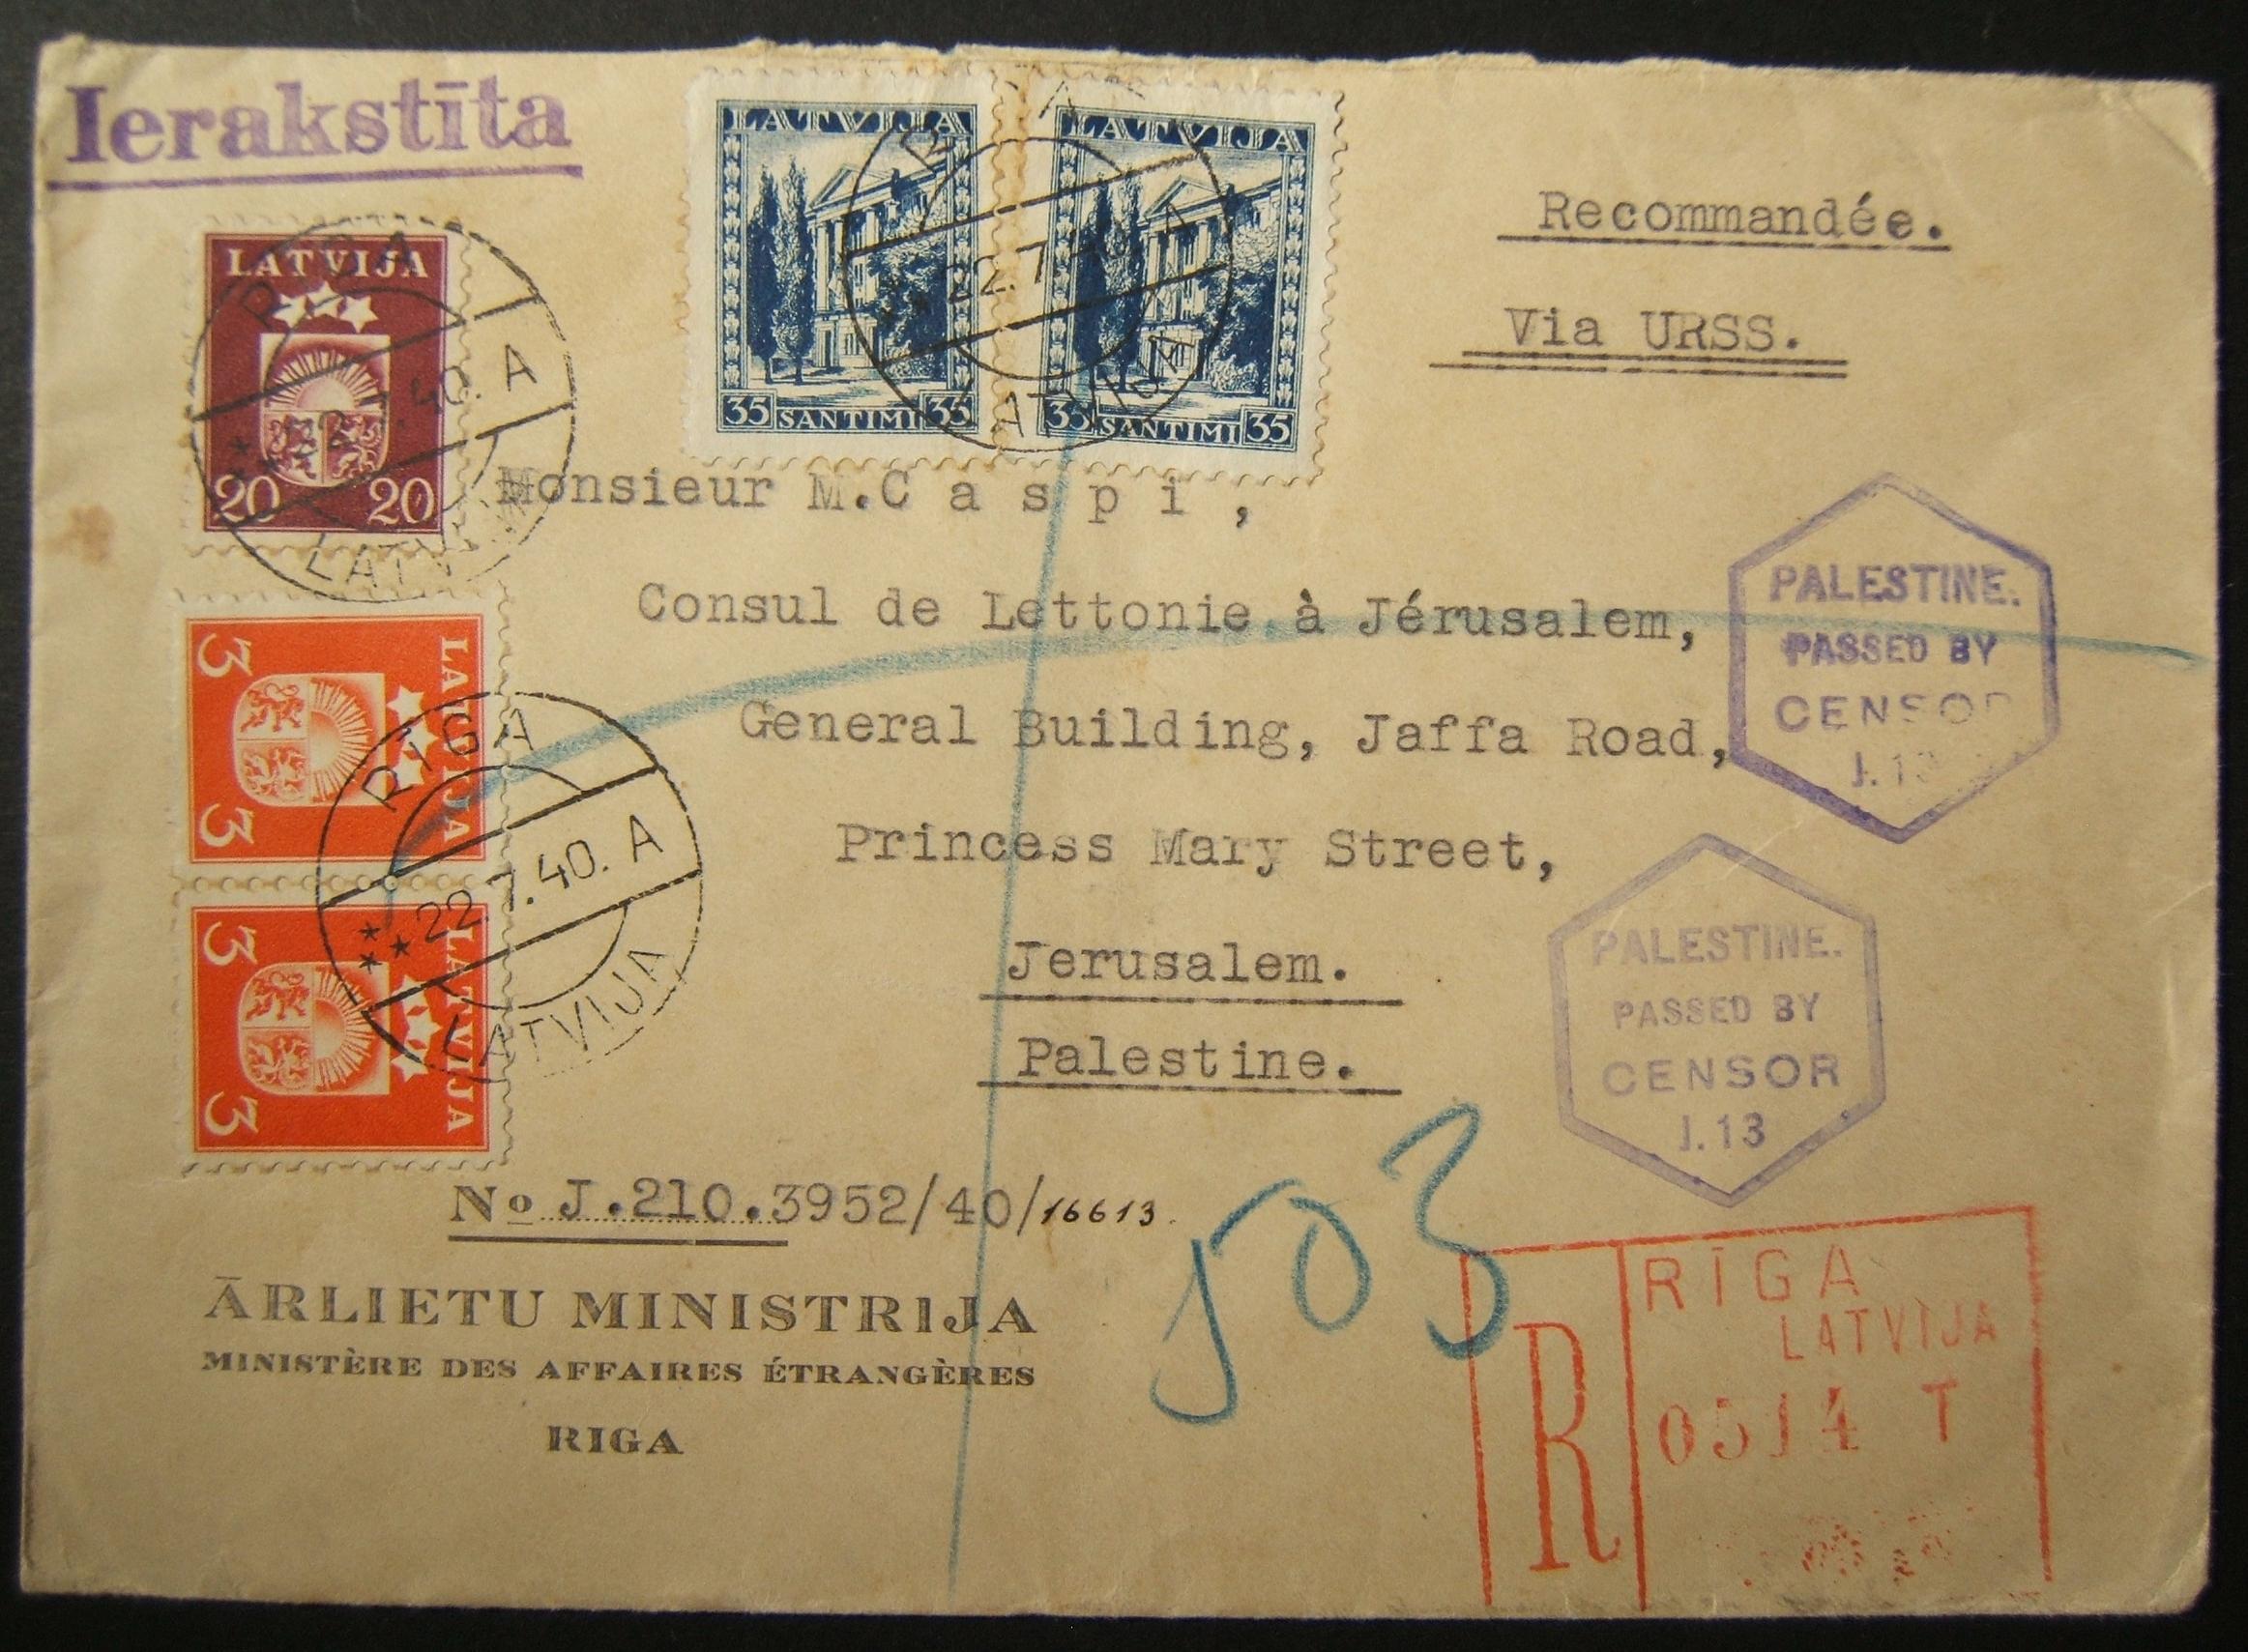 7/1940 מלחמת העולם השנייה דואר יום ראשון מ - Latvian SSR למשרד החוץ לקונסול בירושלים